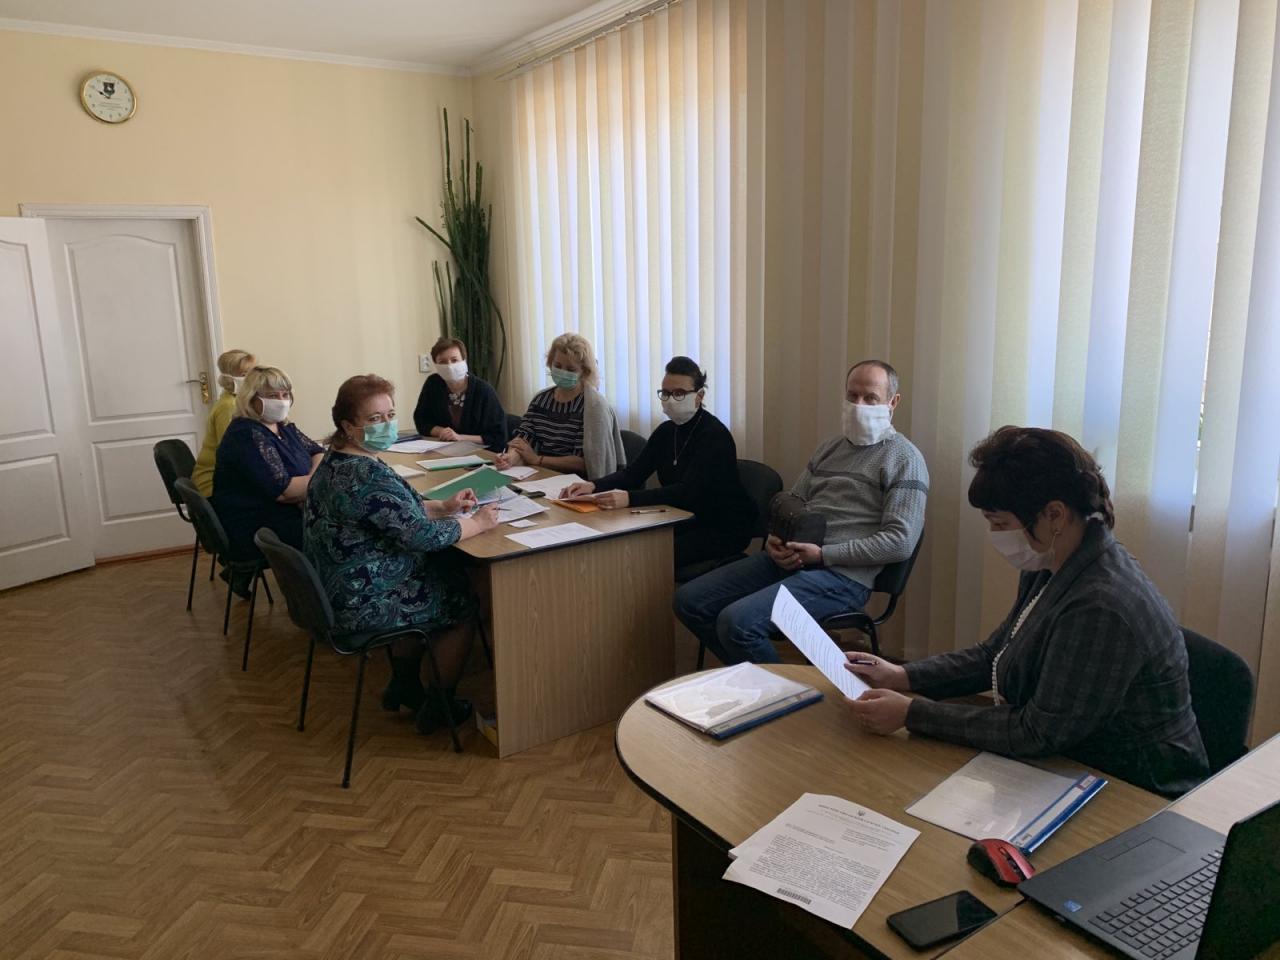 http://dunrada.gov.ua/uploadfile/archive_news/2020/04/06/2020-04-06_1878/images/images-80450.jpg